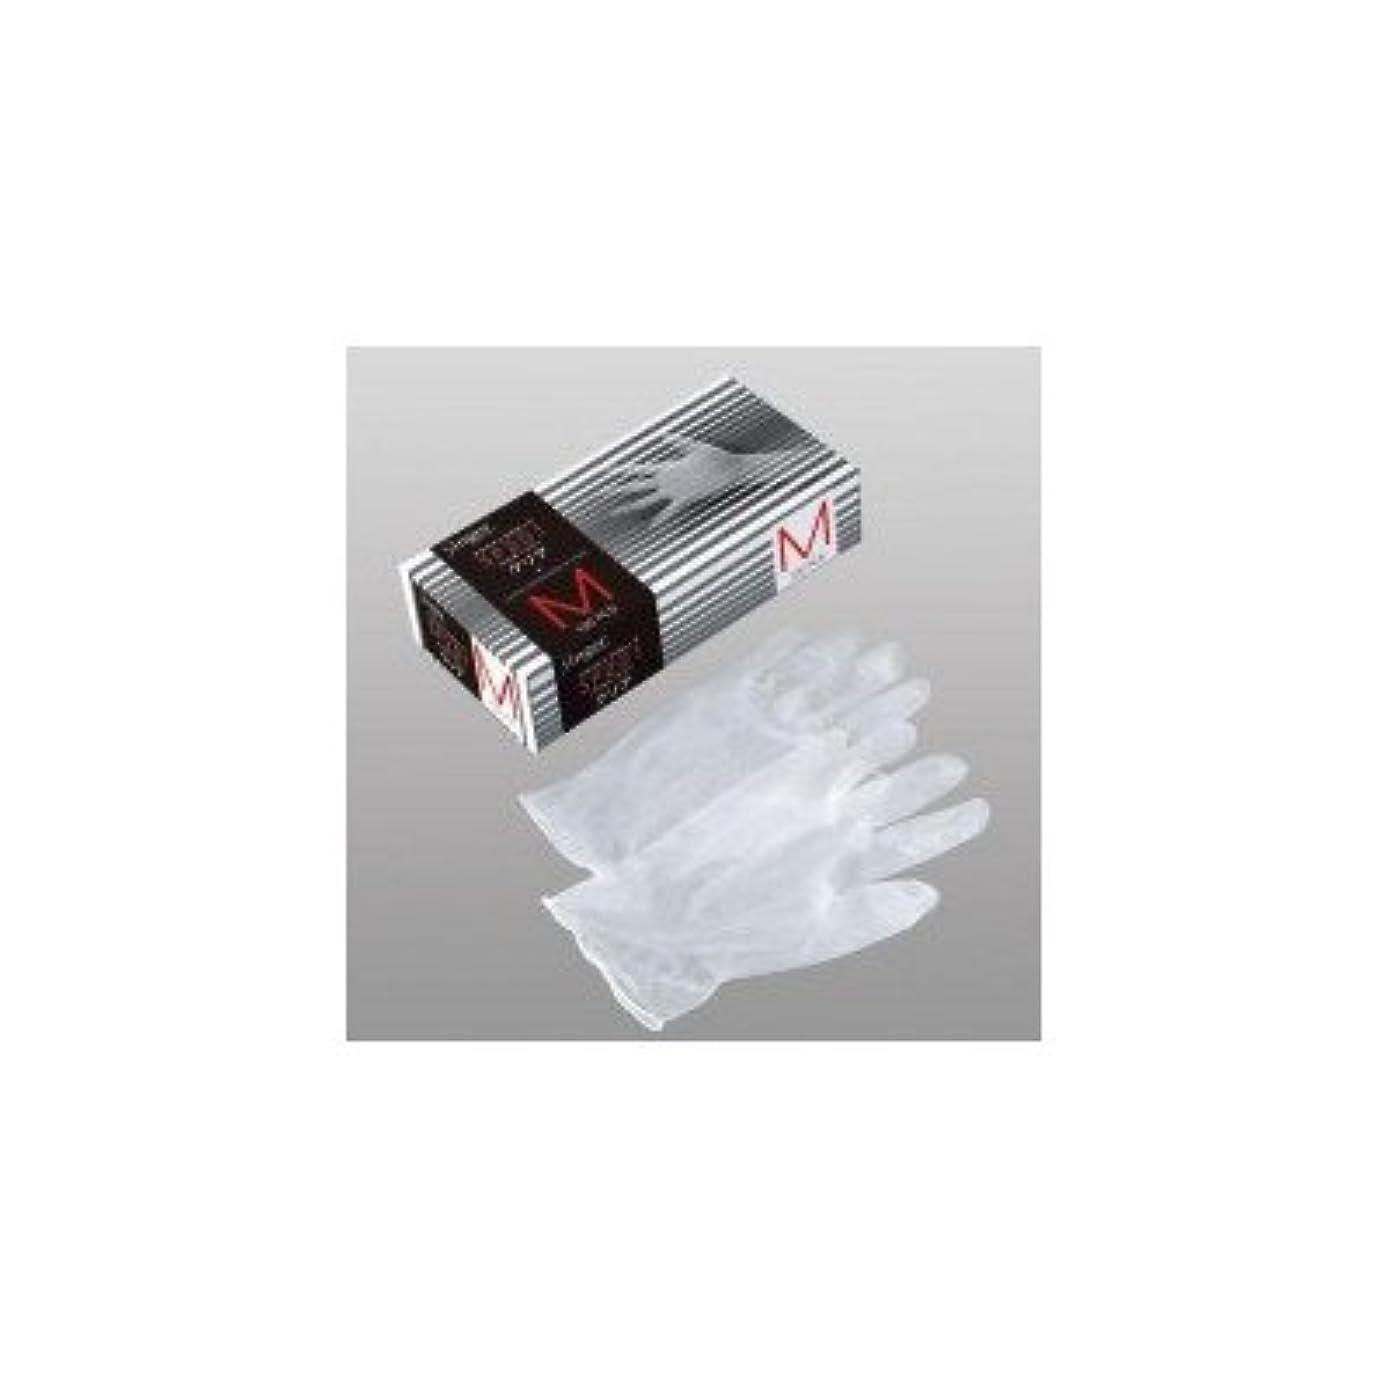 ご覧ください安全なキッチンシンガープラスチックグローブ(手袋) SP201 パウダーフリー クリアー(100枚) S( 画像はイメージ画像です お届けの商品はSのみとなります)